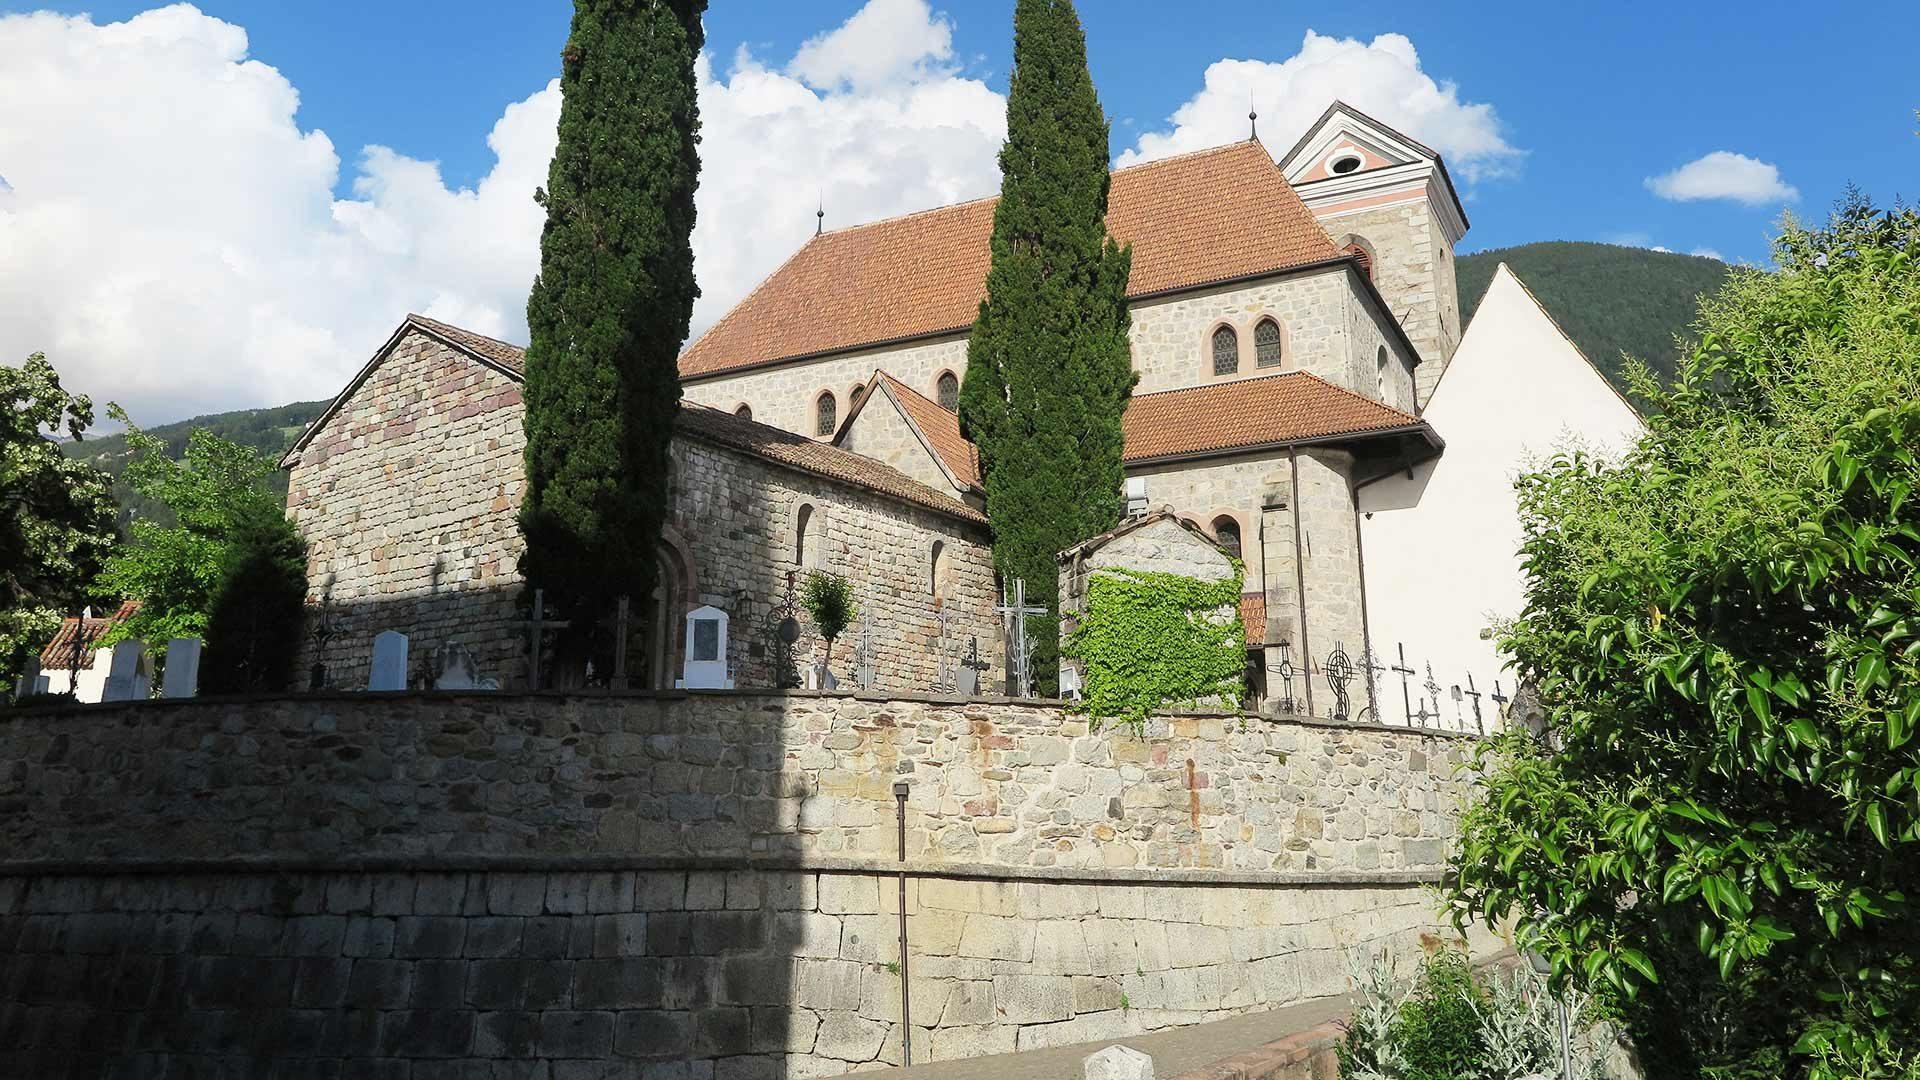 St. Martinskirche - Schenna